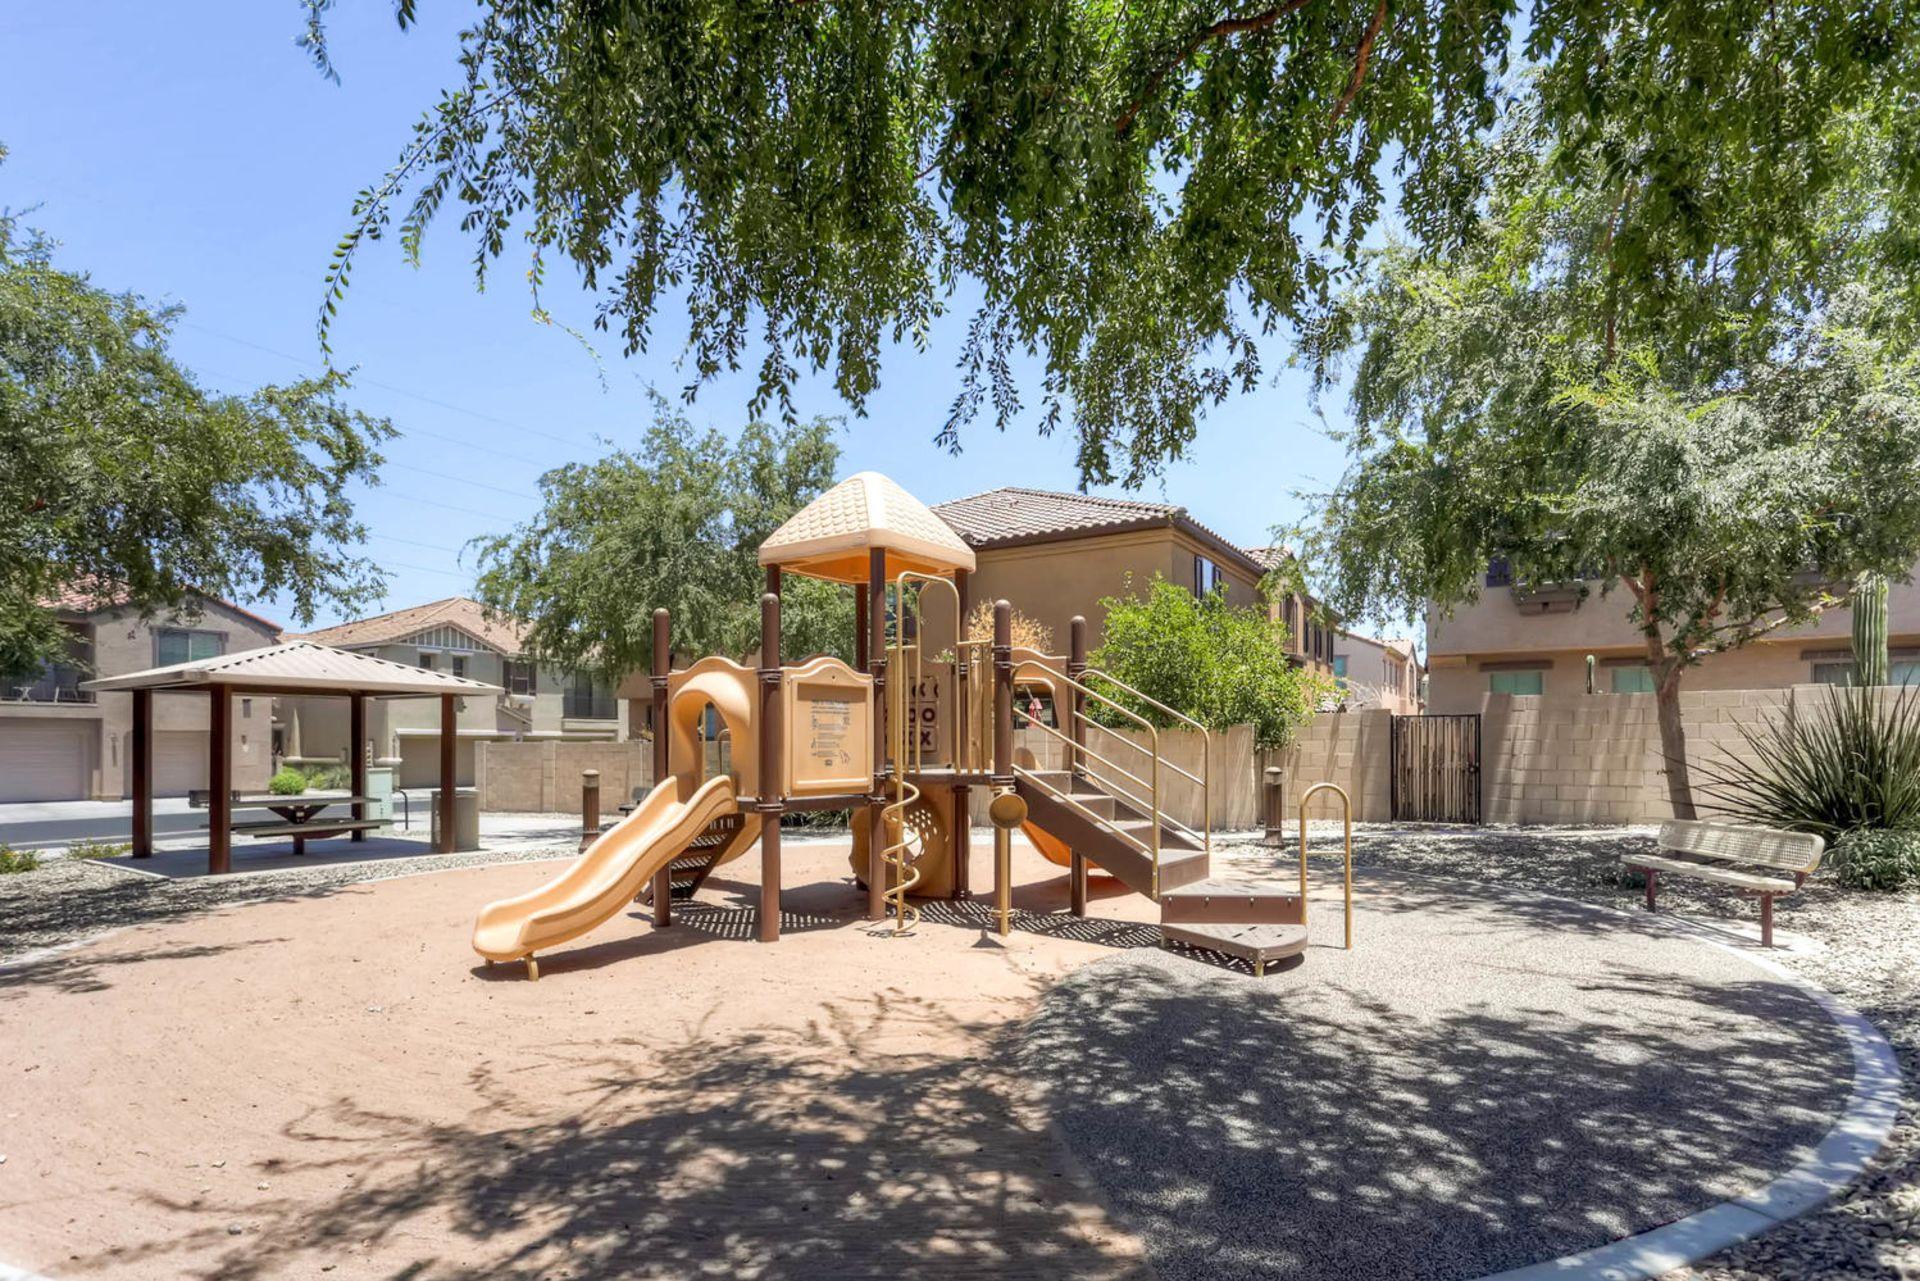 3115 E DARROW ST, Phoenix, AZ 85042